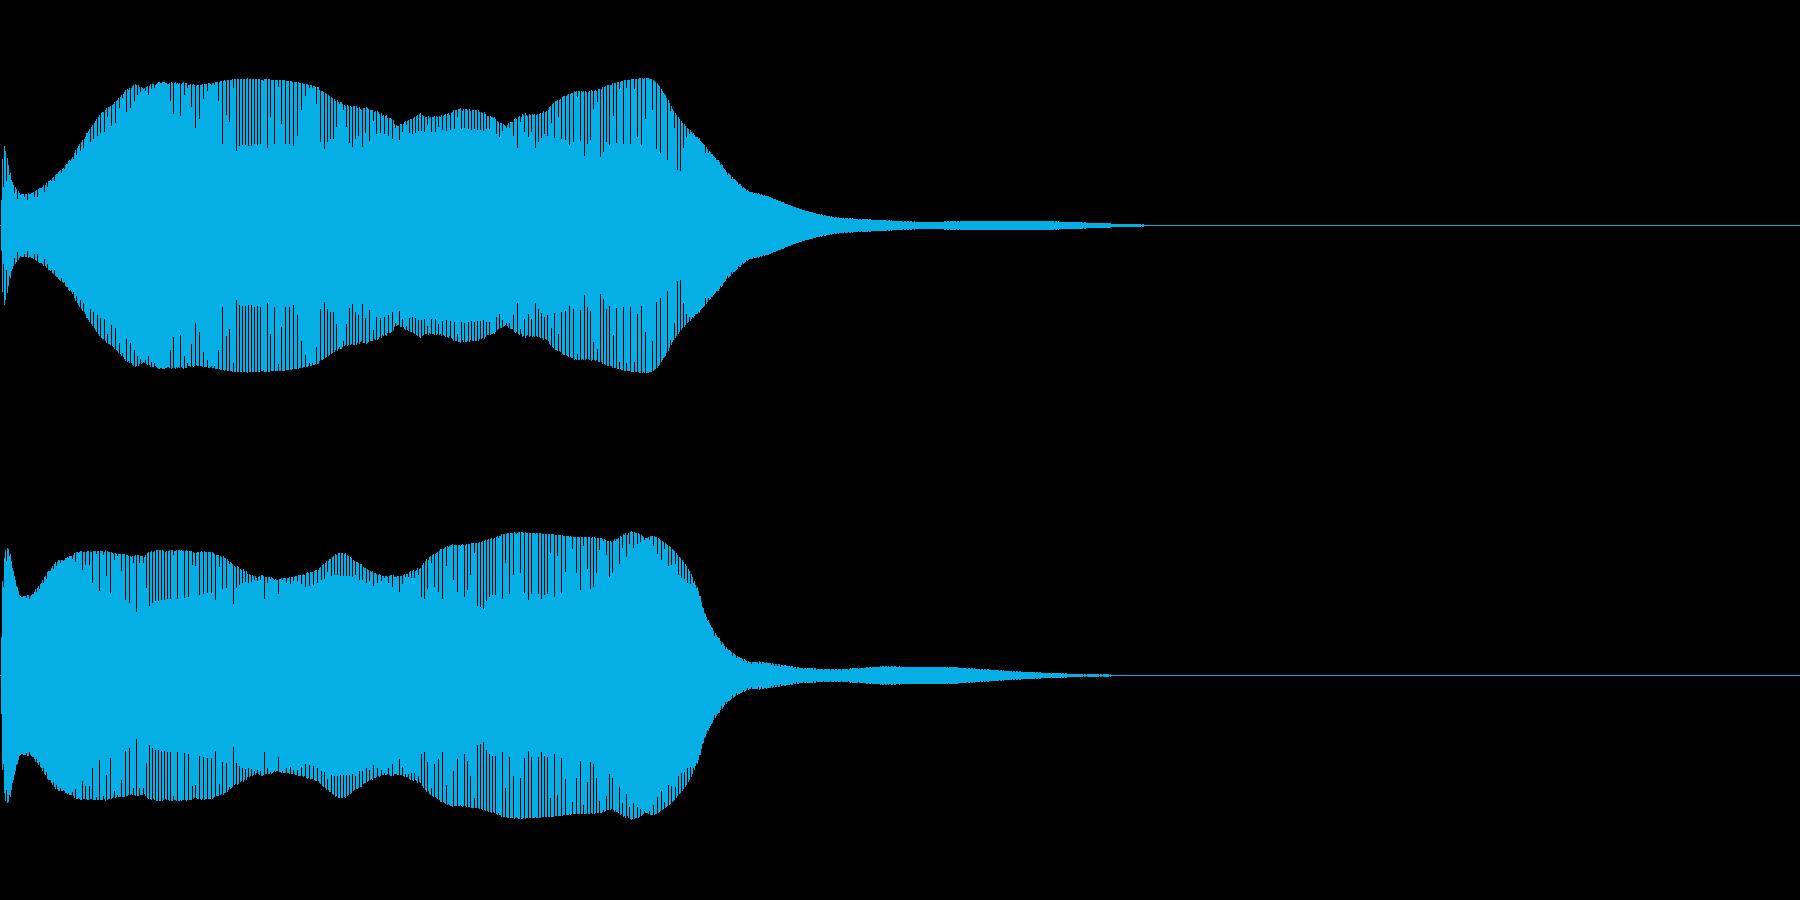 効果音 まぬけなポワーンの再生済みの波形